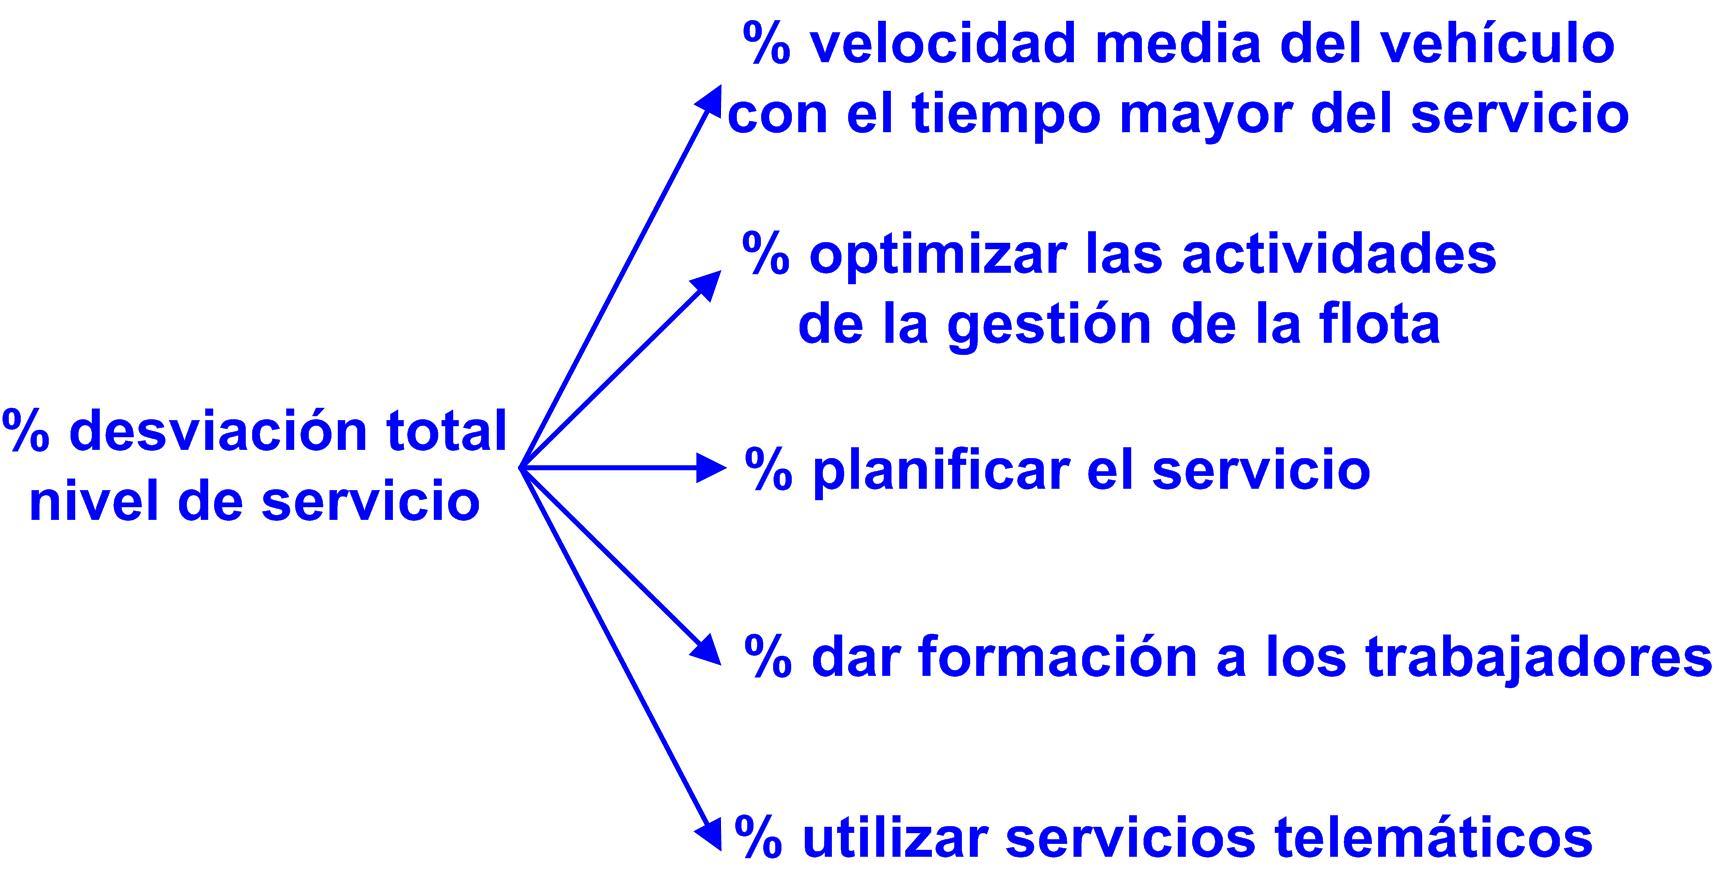 Gráfico 34 razones de las desviaciones del nivel de servicio 30112015 desviacion nivel de servicio